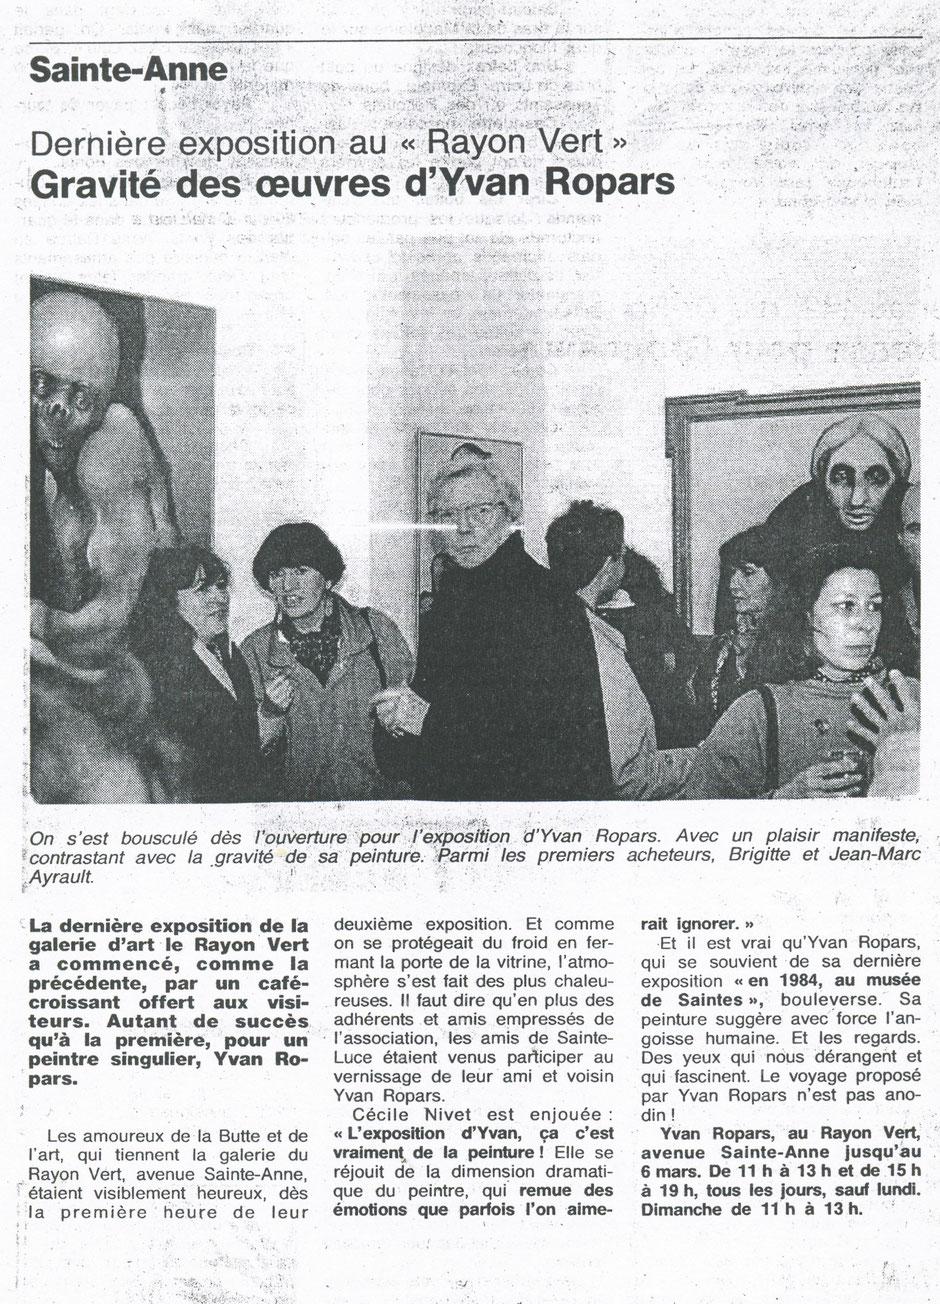 Ouest-France 8 février 1993